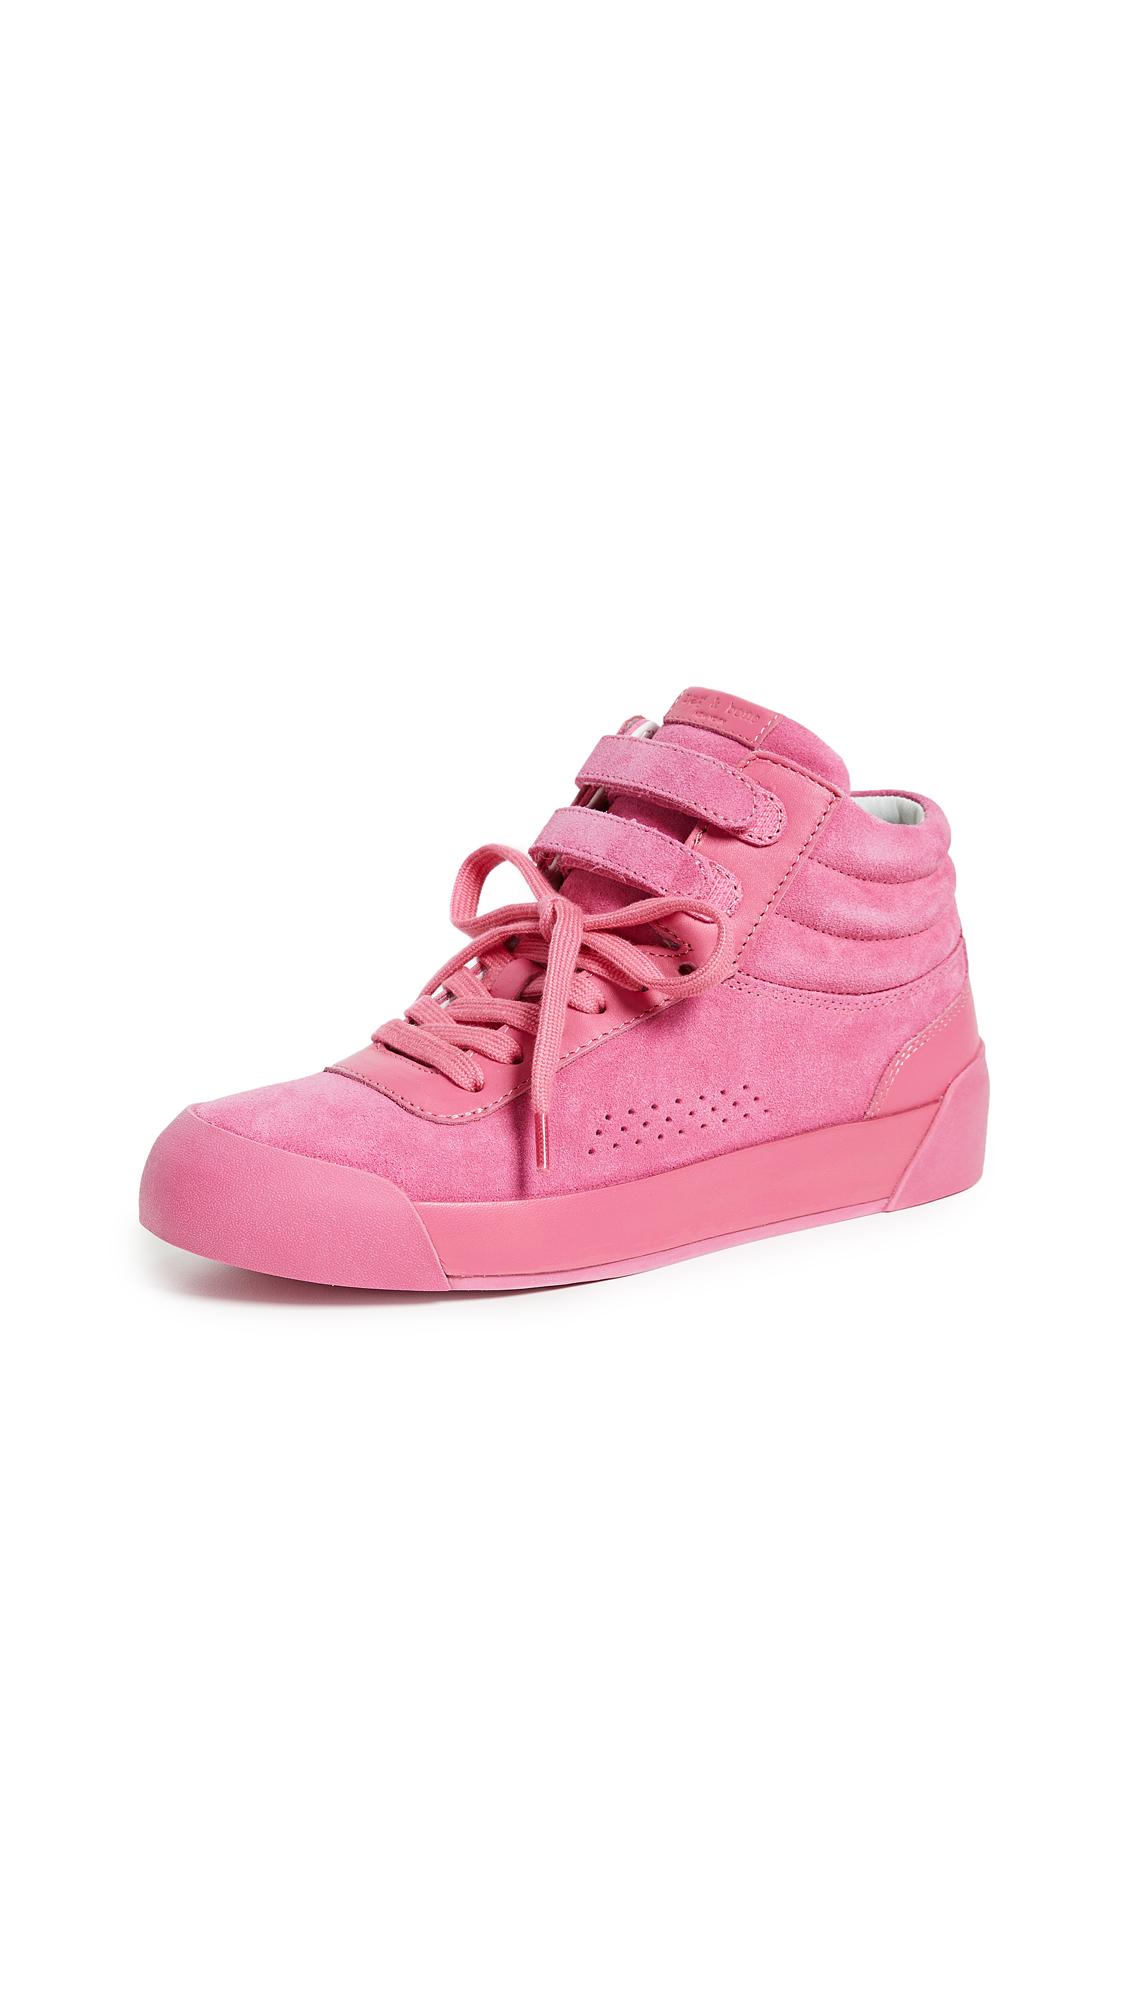 Rag & Bone Nova Sneakers - Peony